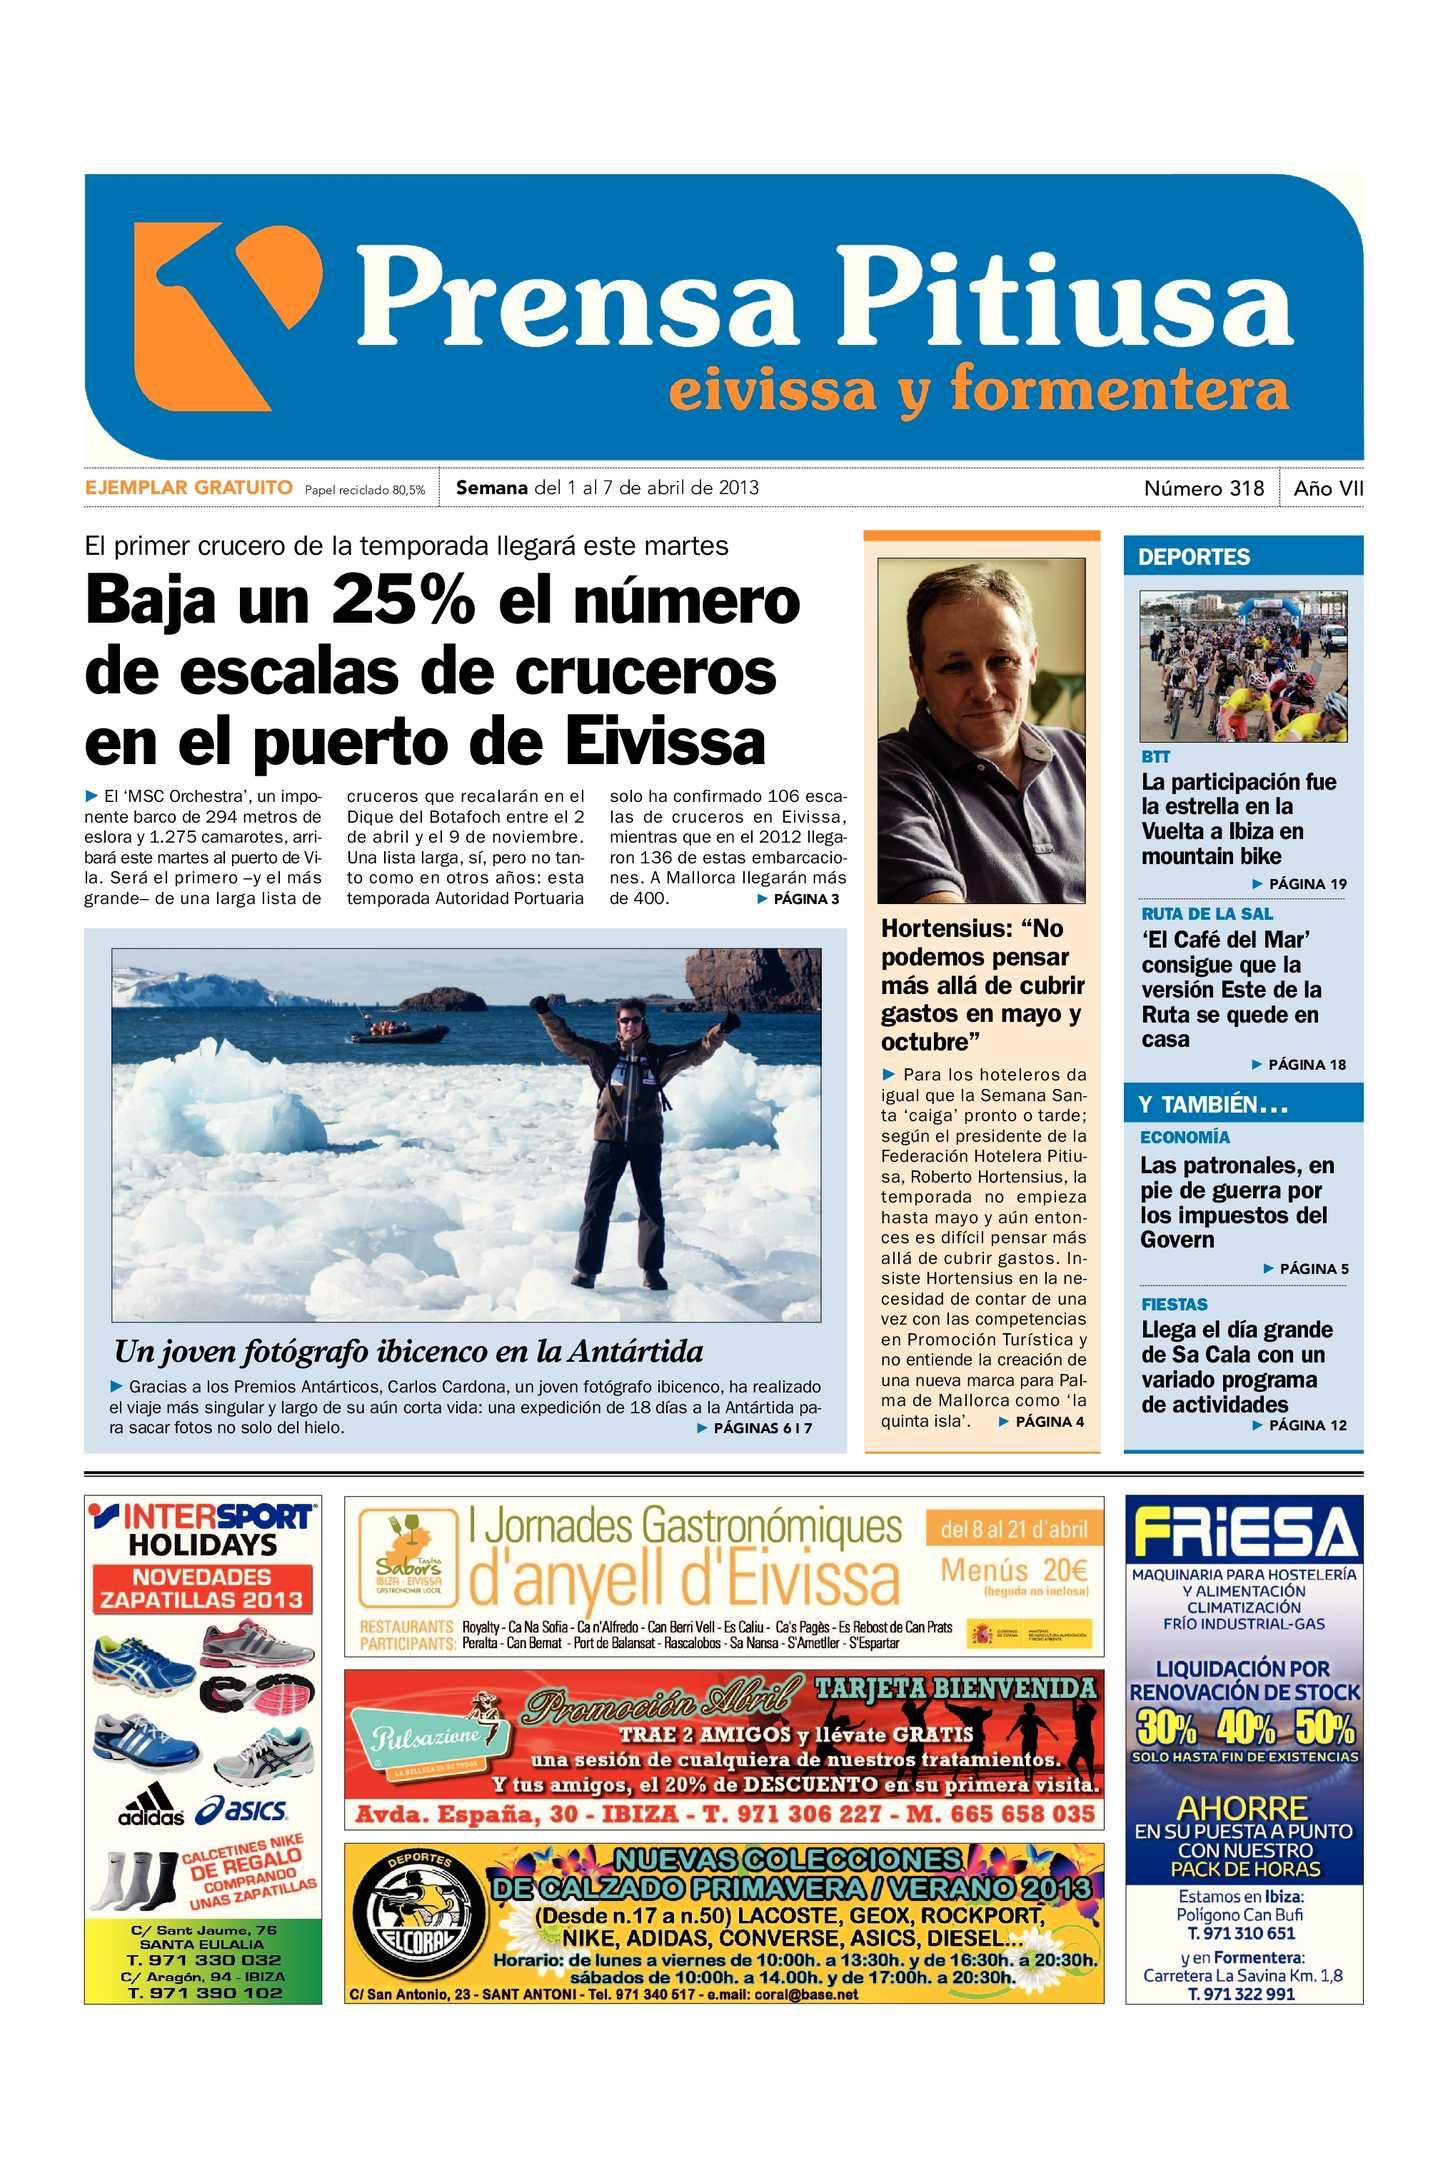 Calaméo - Prensa Pitiusa edición 318